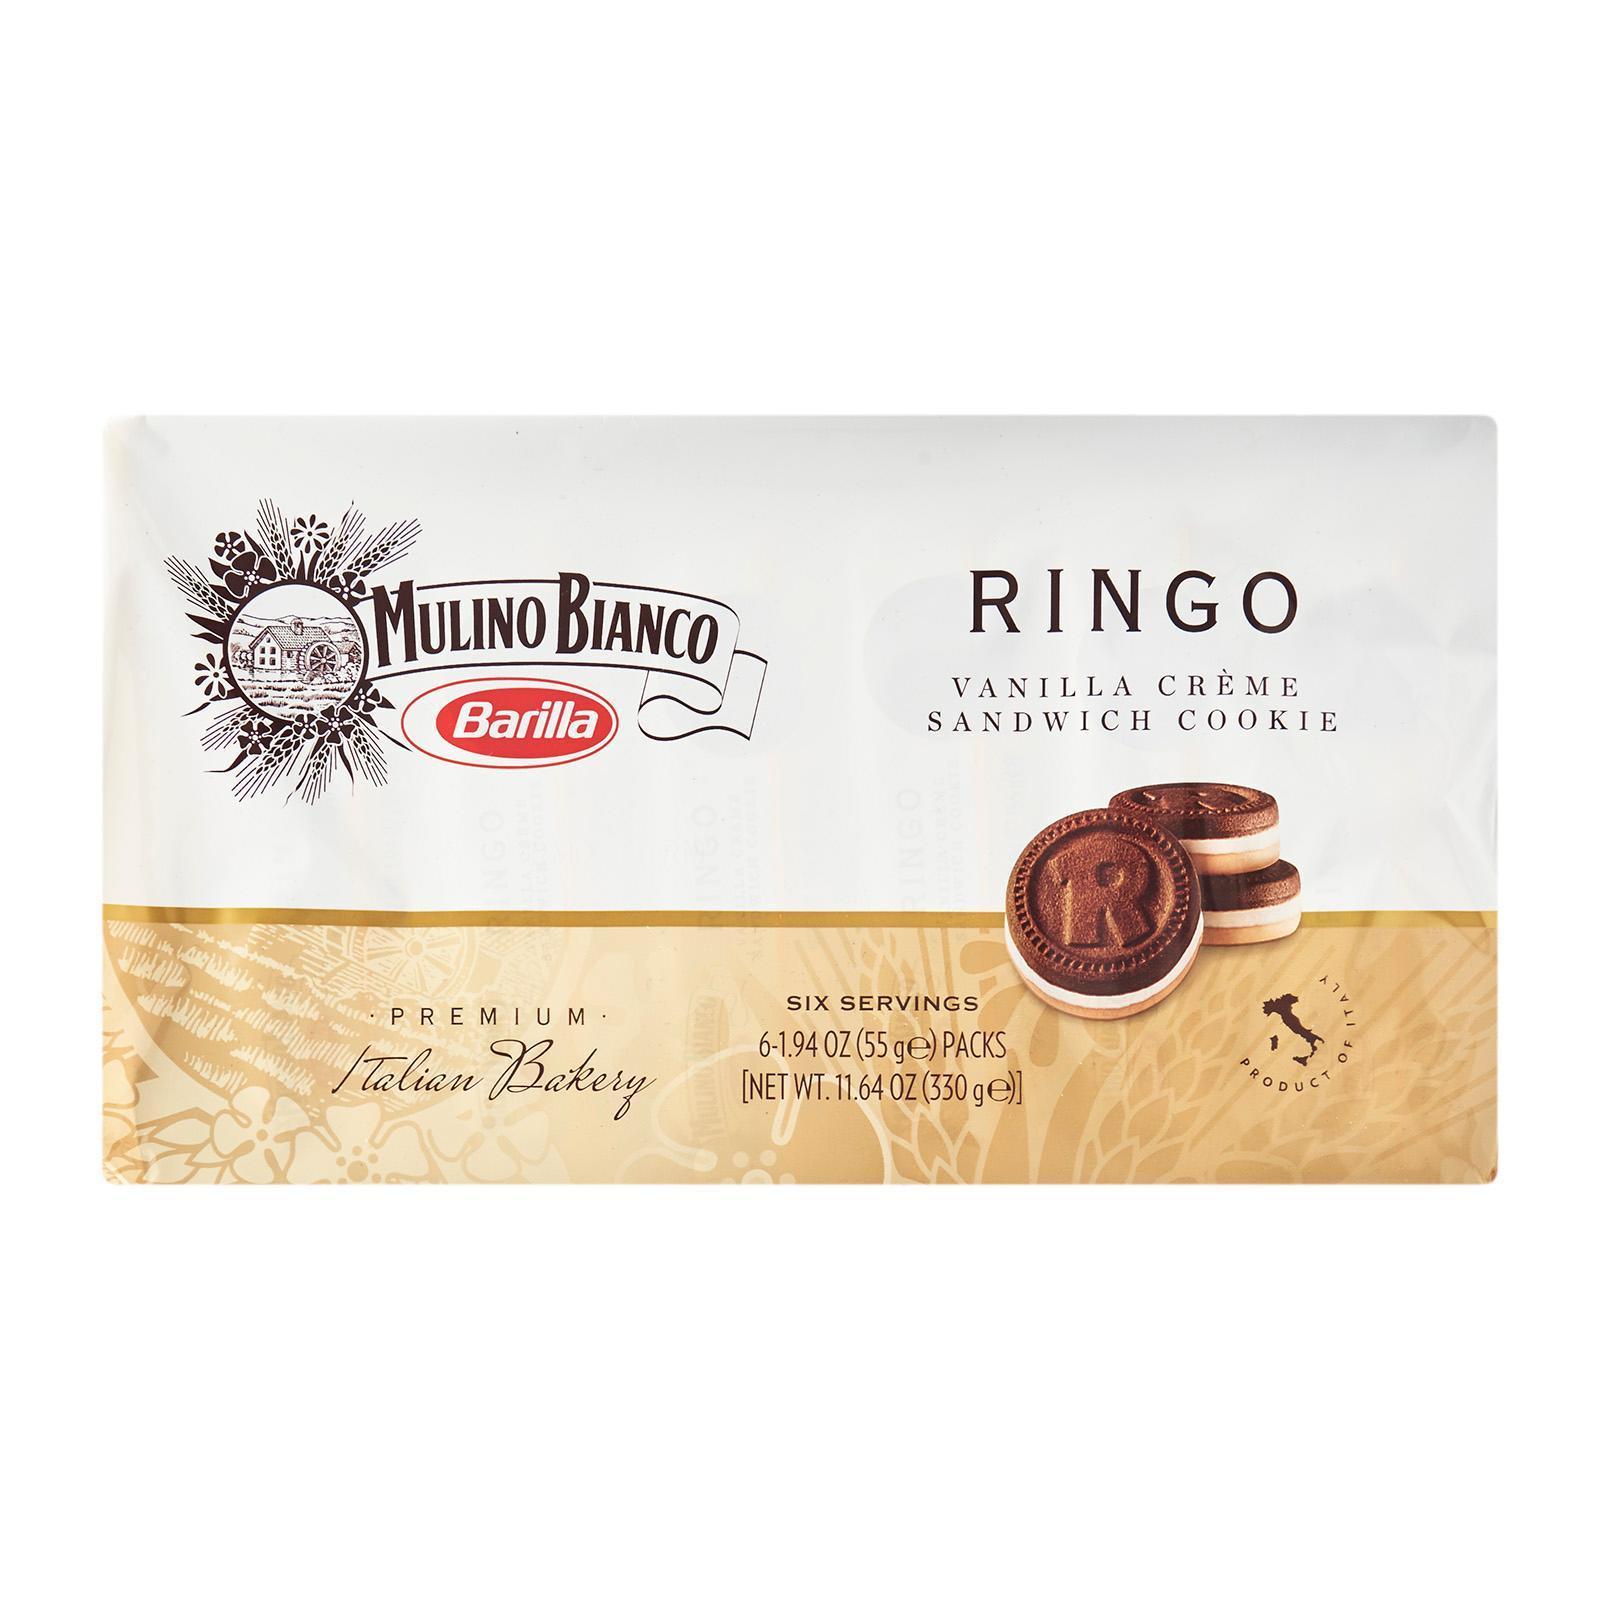 Mulino Bianco Ringo Vanilla Cream - Snack Cookie Chocolate Biscuits